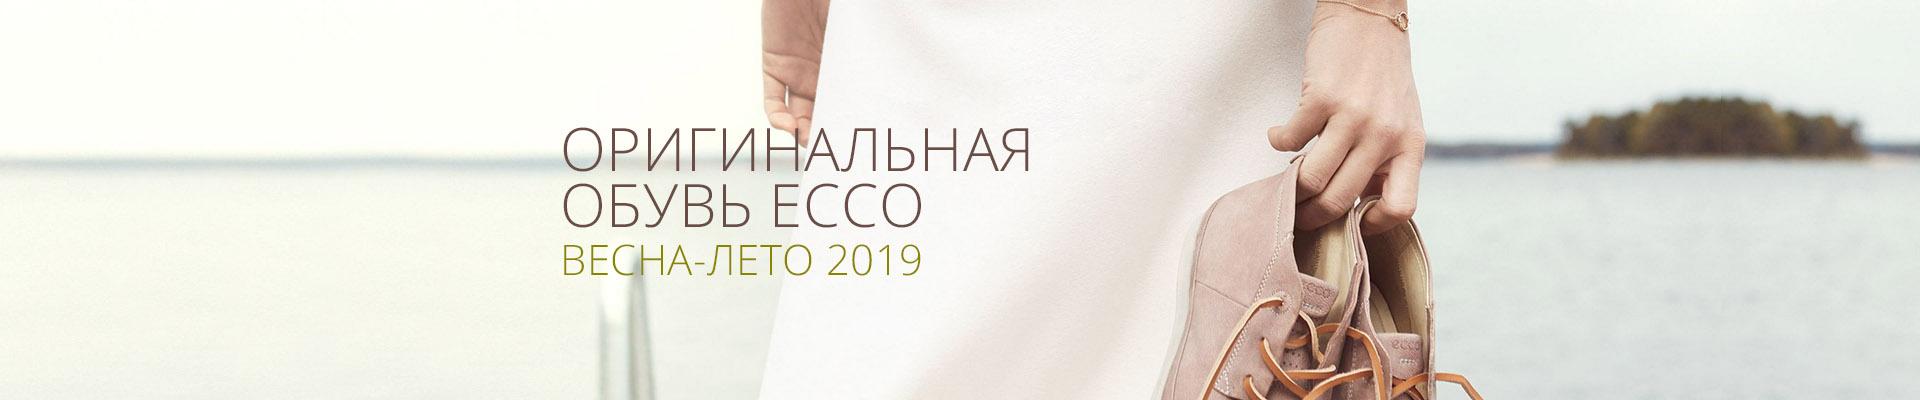 f71d7beb0 Обувь Экко – Интернет магазин E-Shoes | Купить обувь Ecco в Киеве,  Харькове, Днепропетровске, Одессе, Львове: каталог, цена, купить обувь Ecco  в Украине.